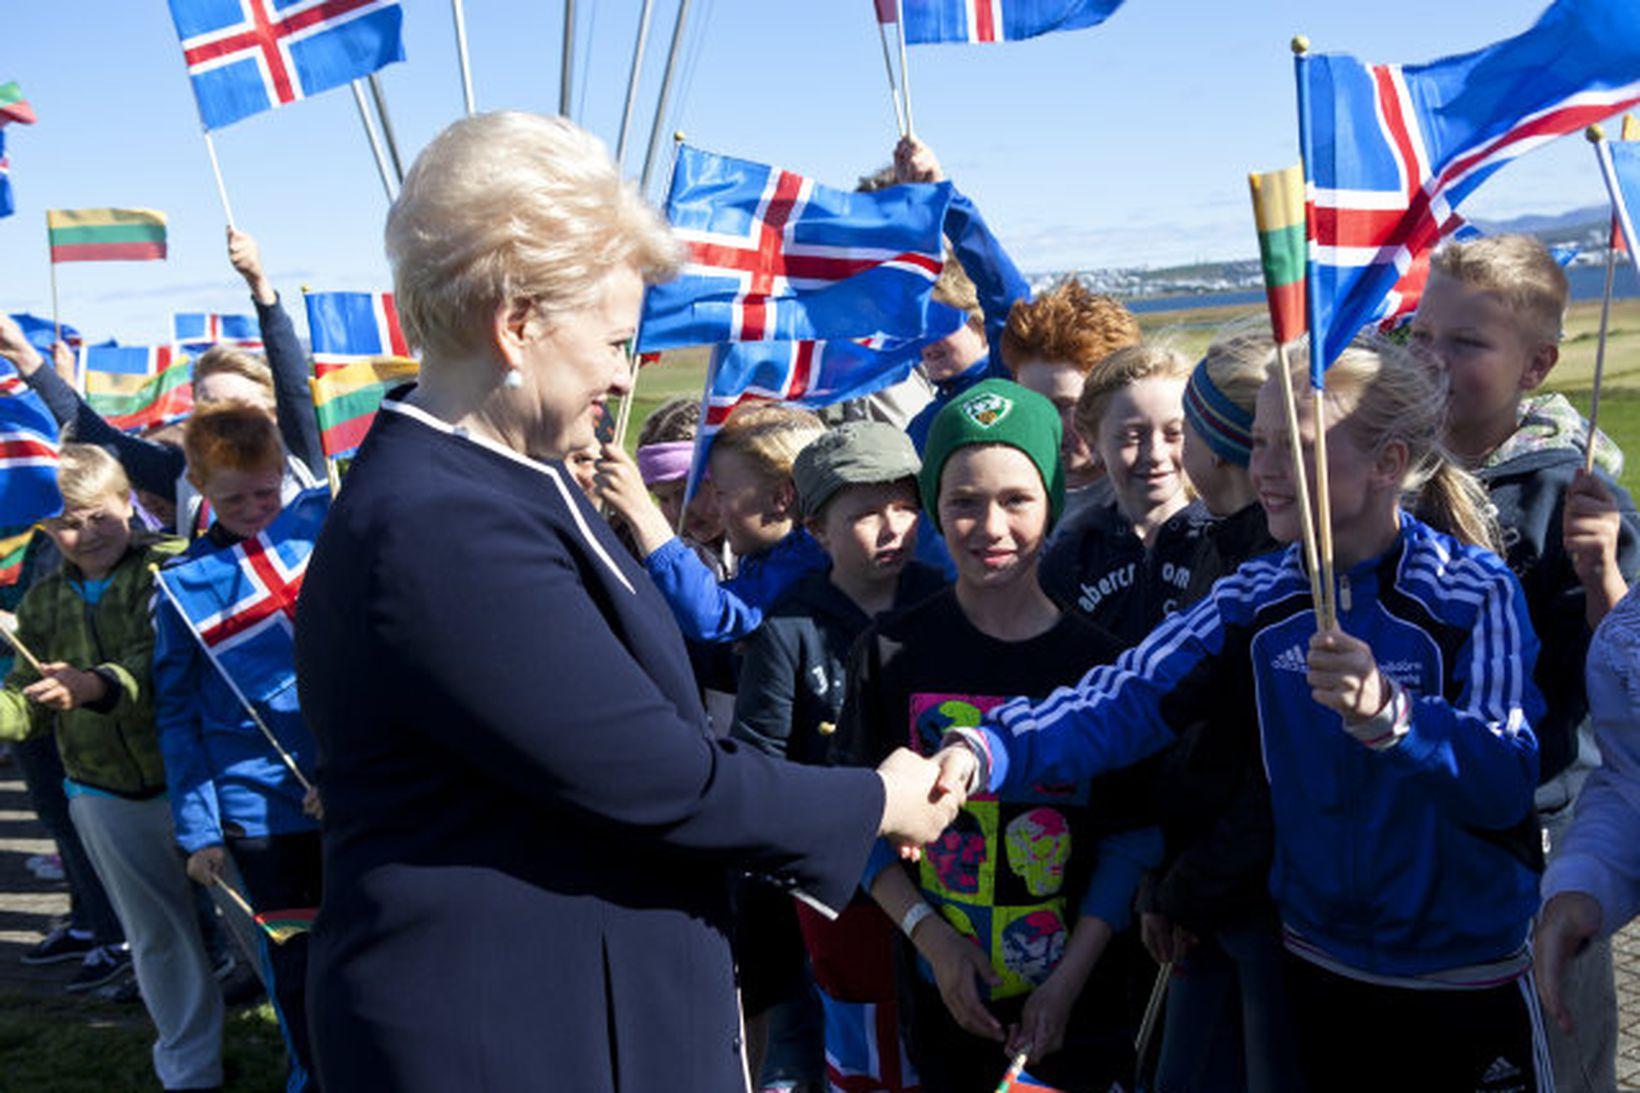 Dalia Grybauskaitė, forseti Litháens, heilsar börnum í heimsókn sinni til …